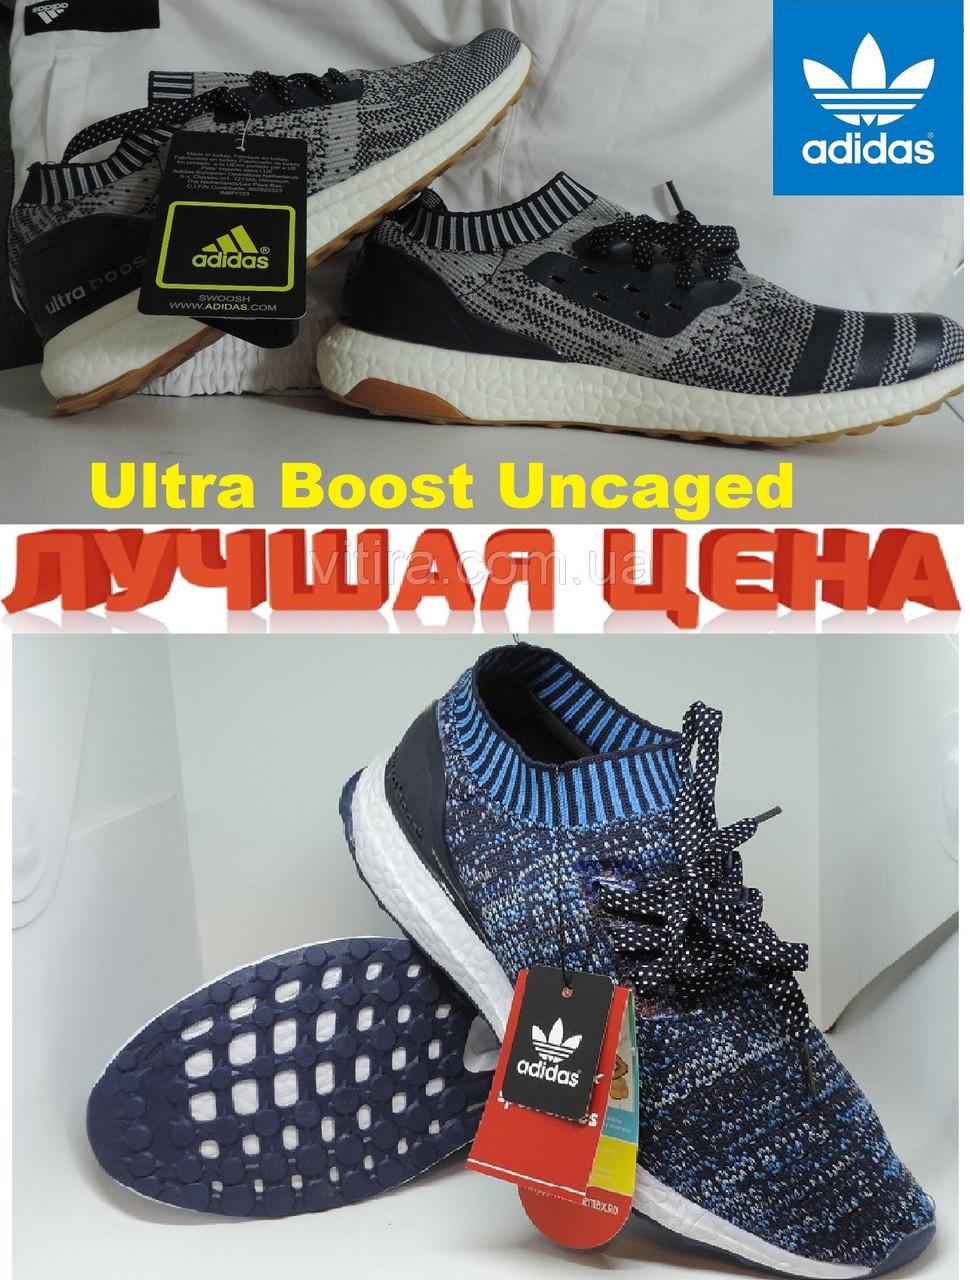 Мужские кроссовки Адидас Ультра Буст (Adidas Ultra Boost Uncaged). Турция, реплика